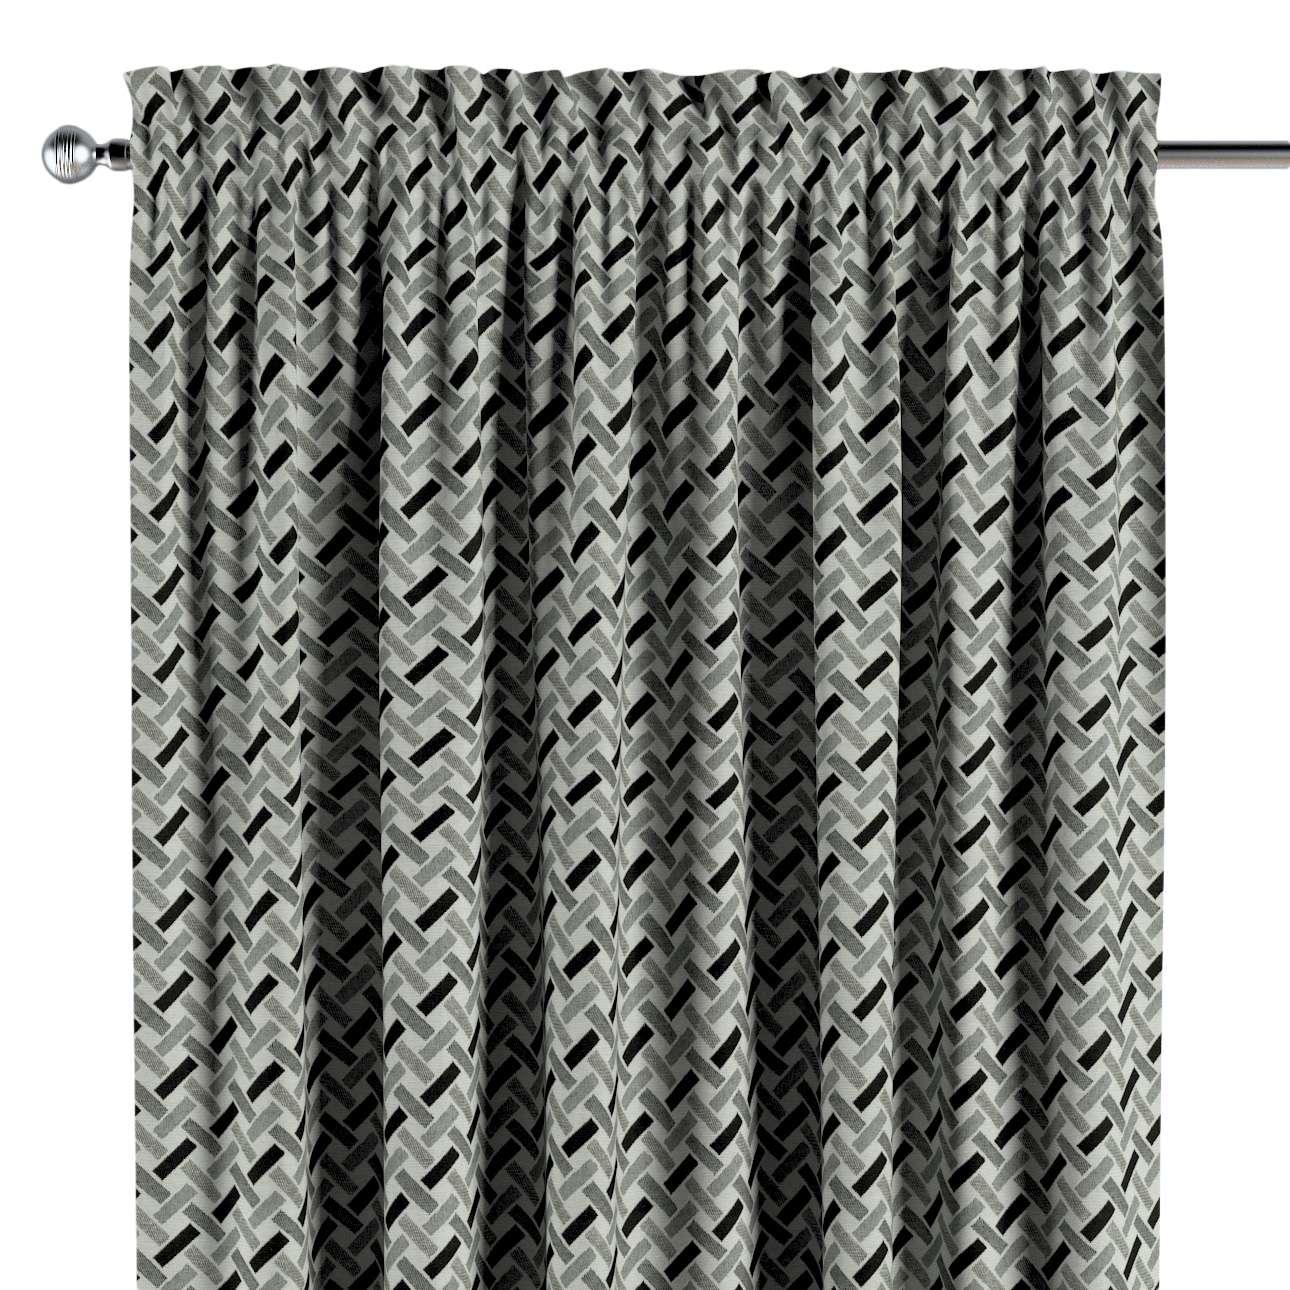 Zasłona na kanale z grzywką 1 szt. w kolekcji Black & White, tkanina: 142-78